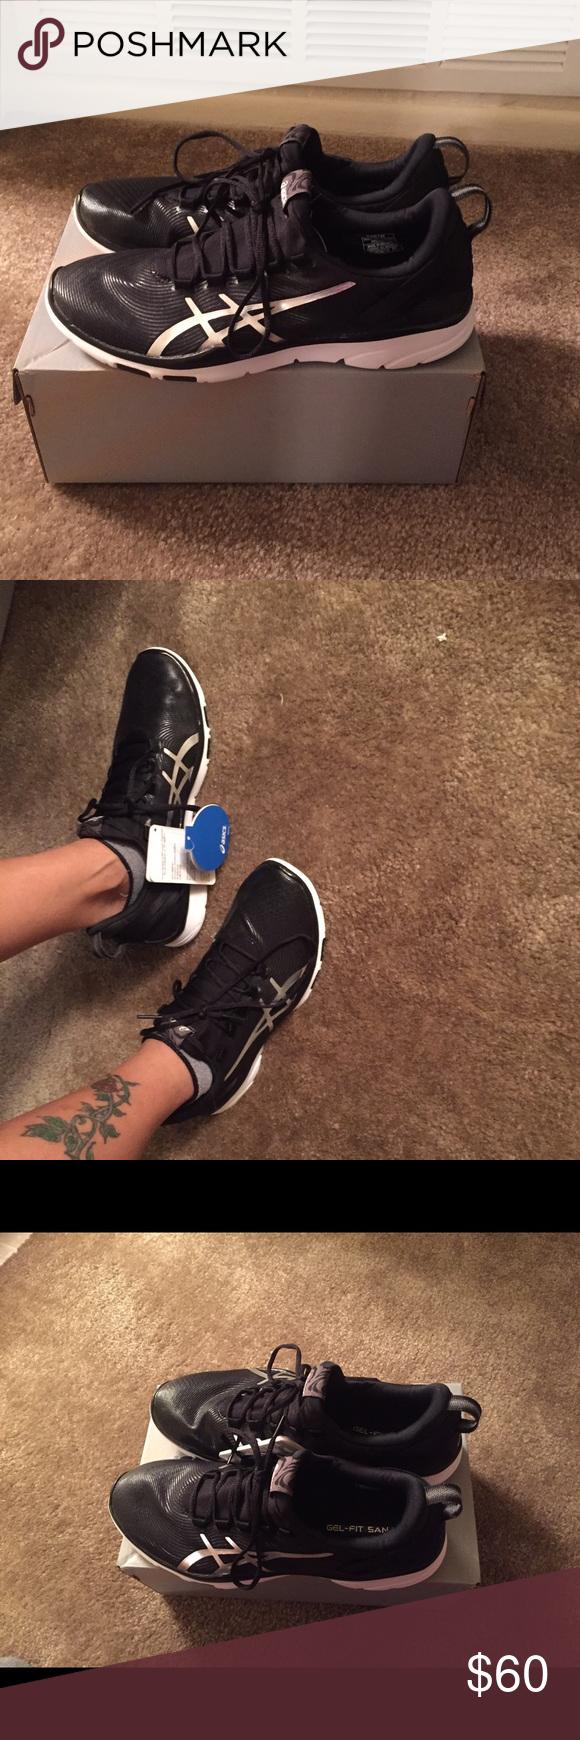 Chaussures Asics d d entraînement Asics Gel Fit 12339 pour femme | 5507d4c - gerobakresep.website